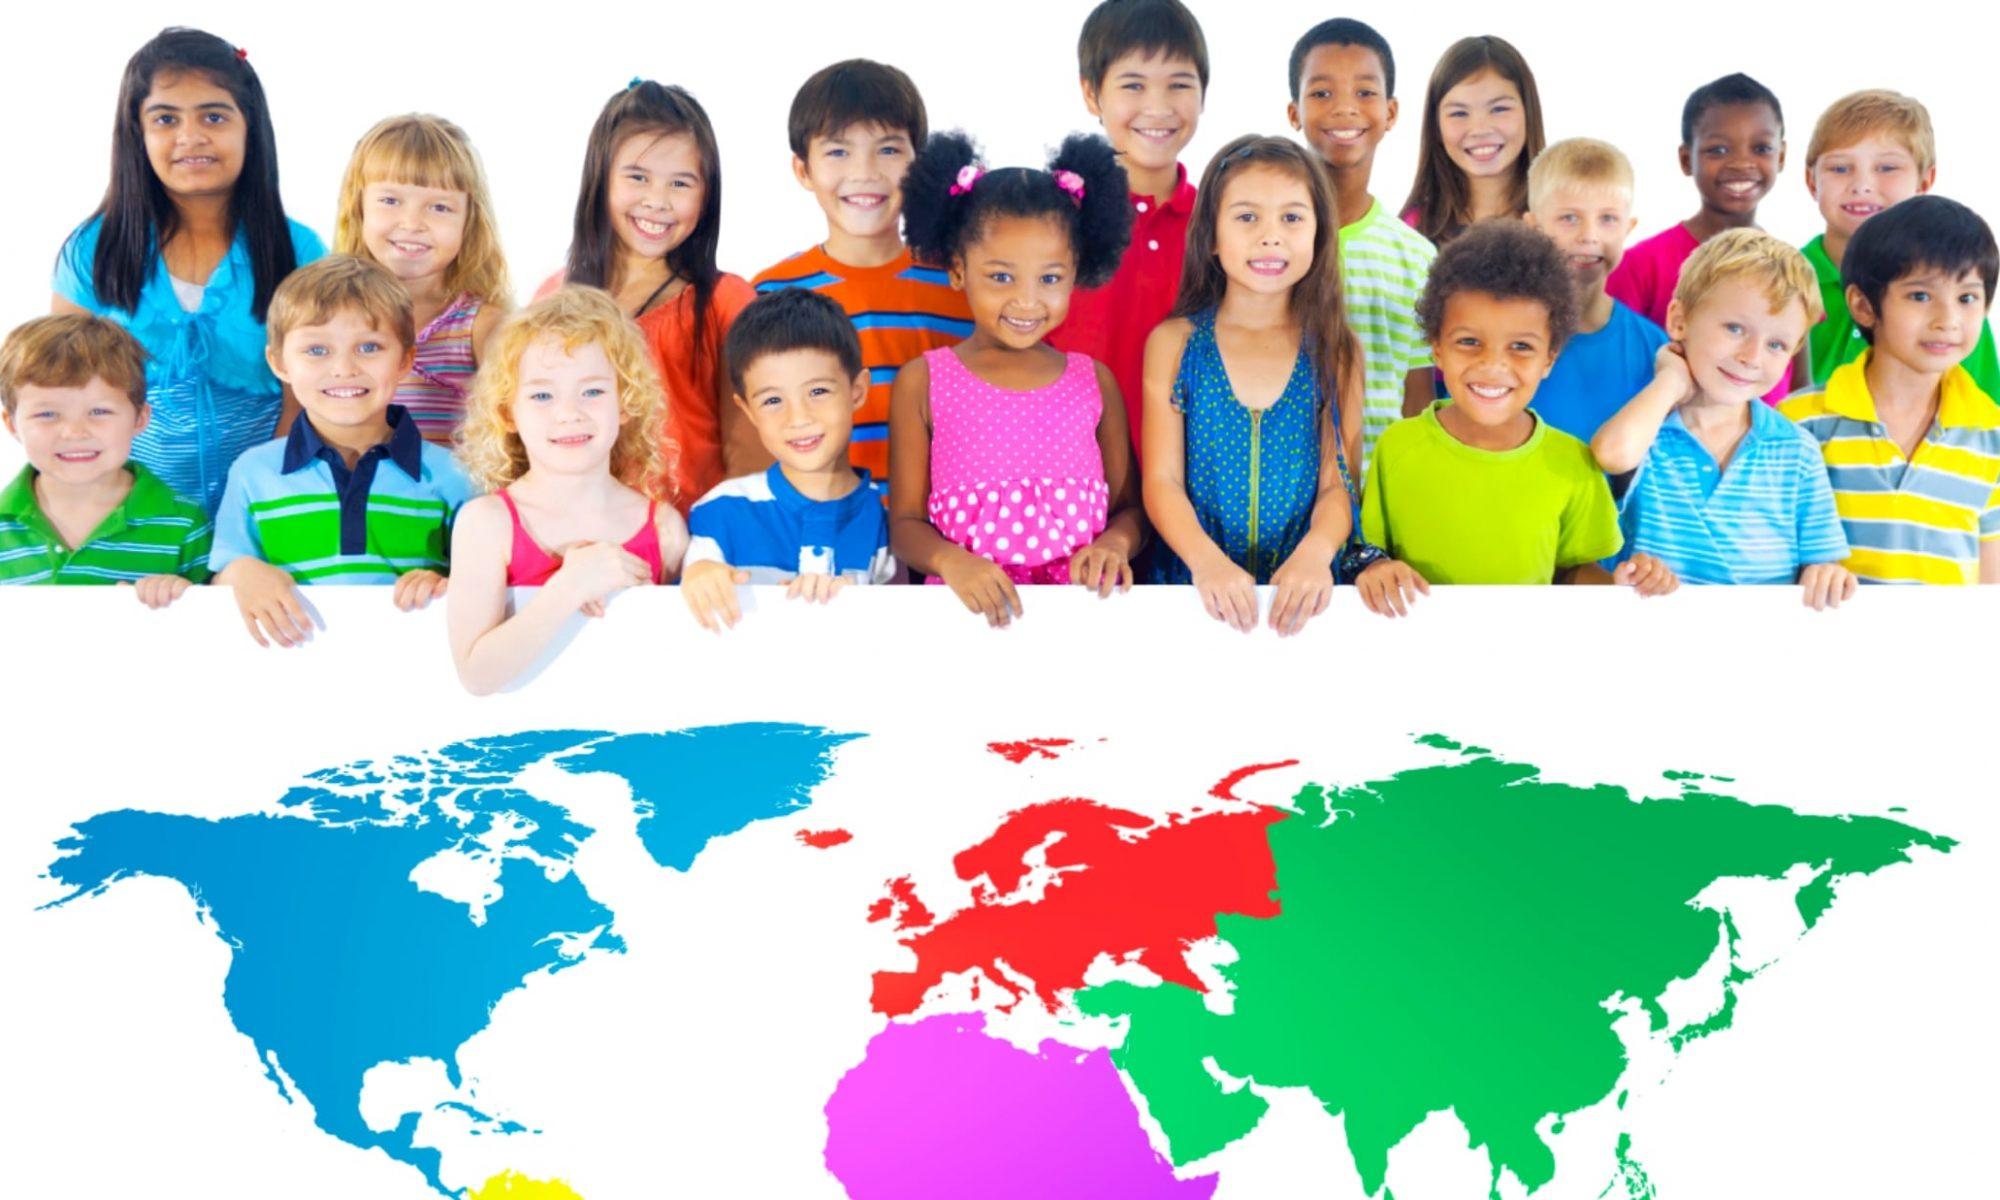 Мы дети мира 2020, конкурс